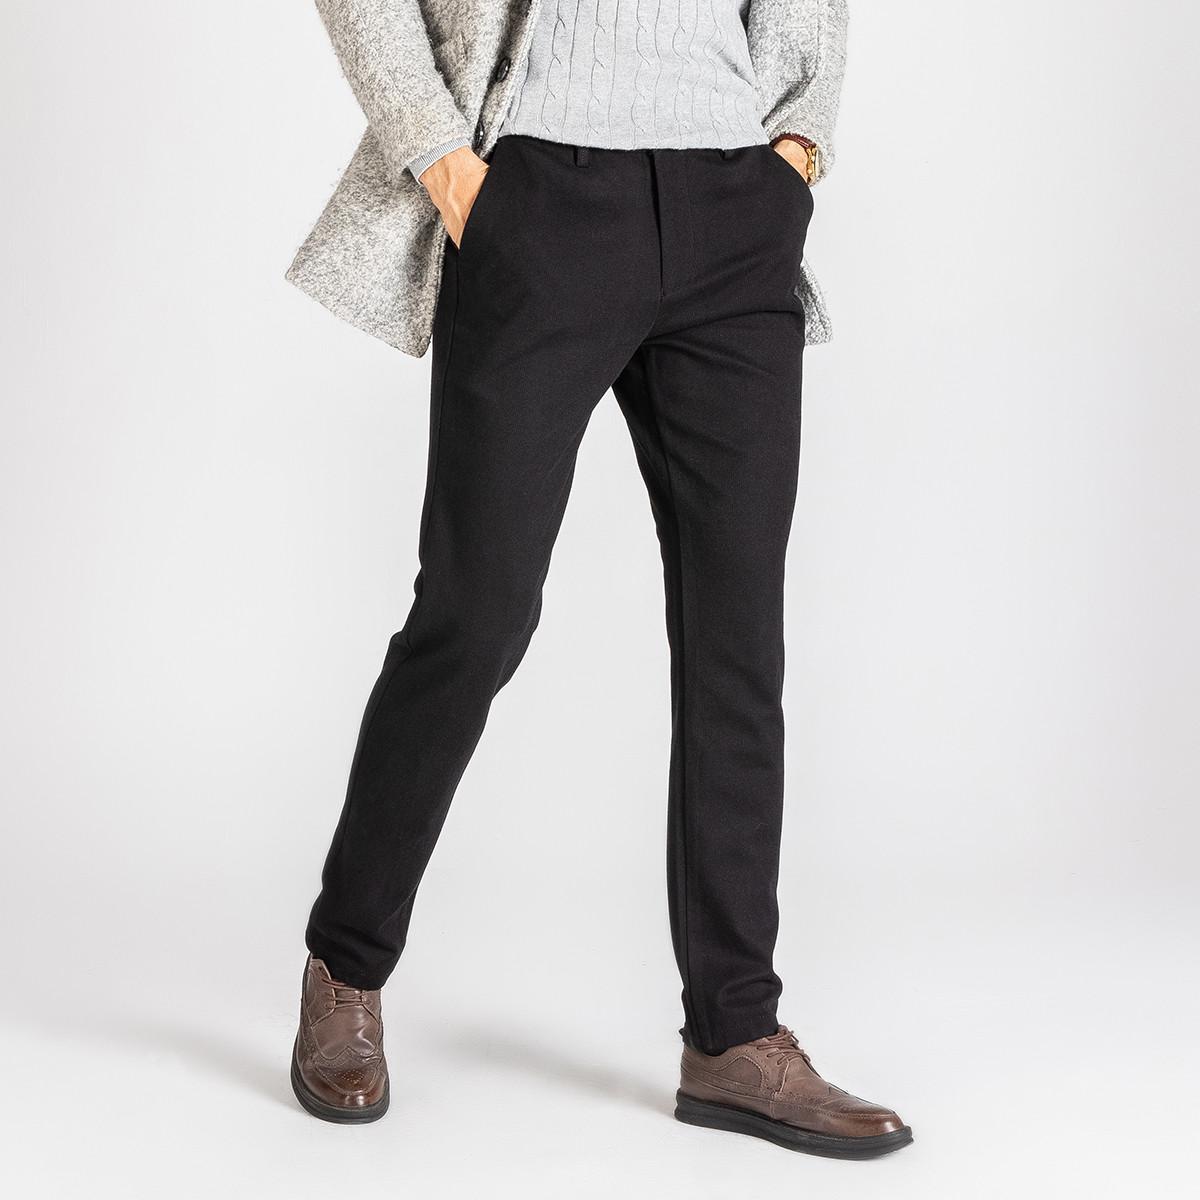 相思鸟【弹力舒适】红豆集团旗下新品首发直筒修身百搭男式休闲裤NDXHTK219SS1